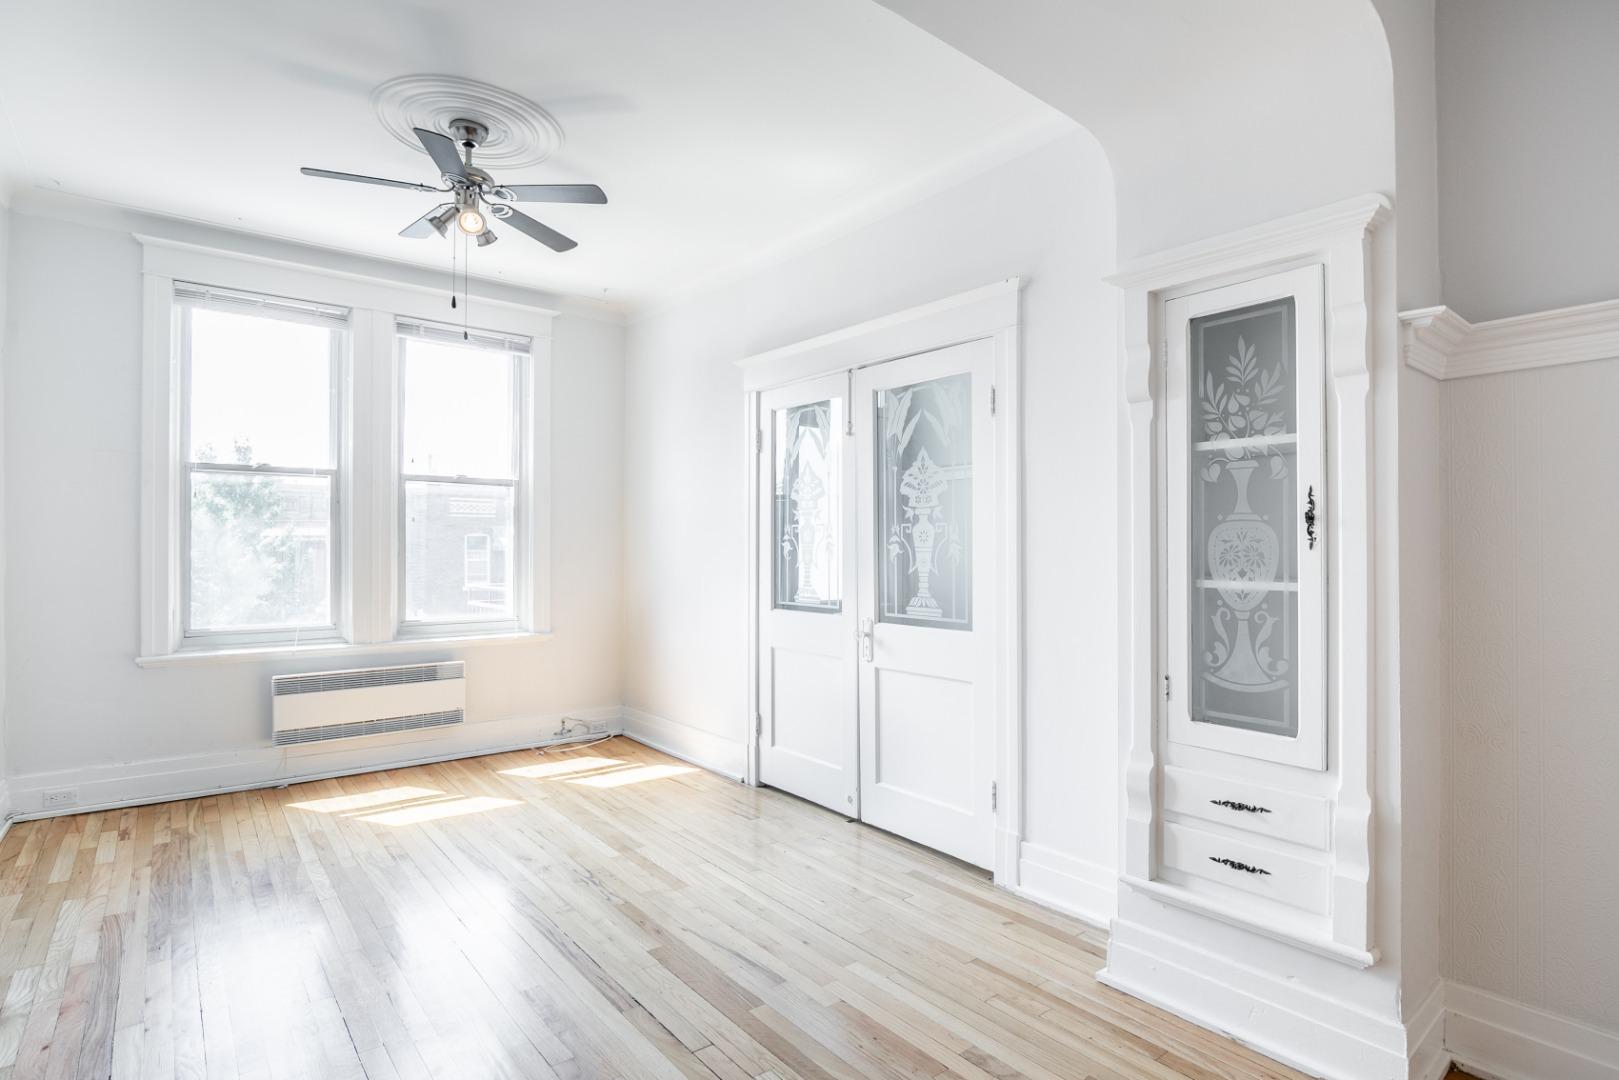 Appartement à louer Rosemont - 6403, rue de Bordeaux 8